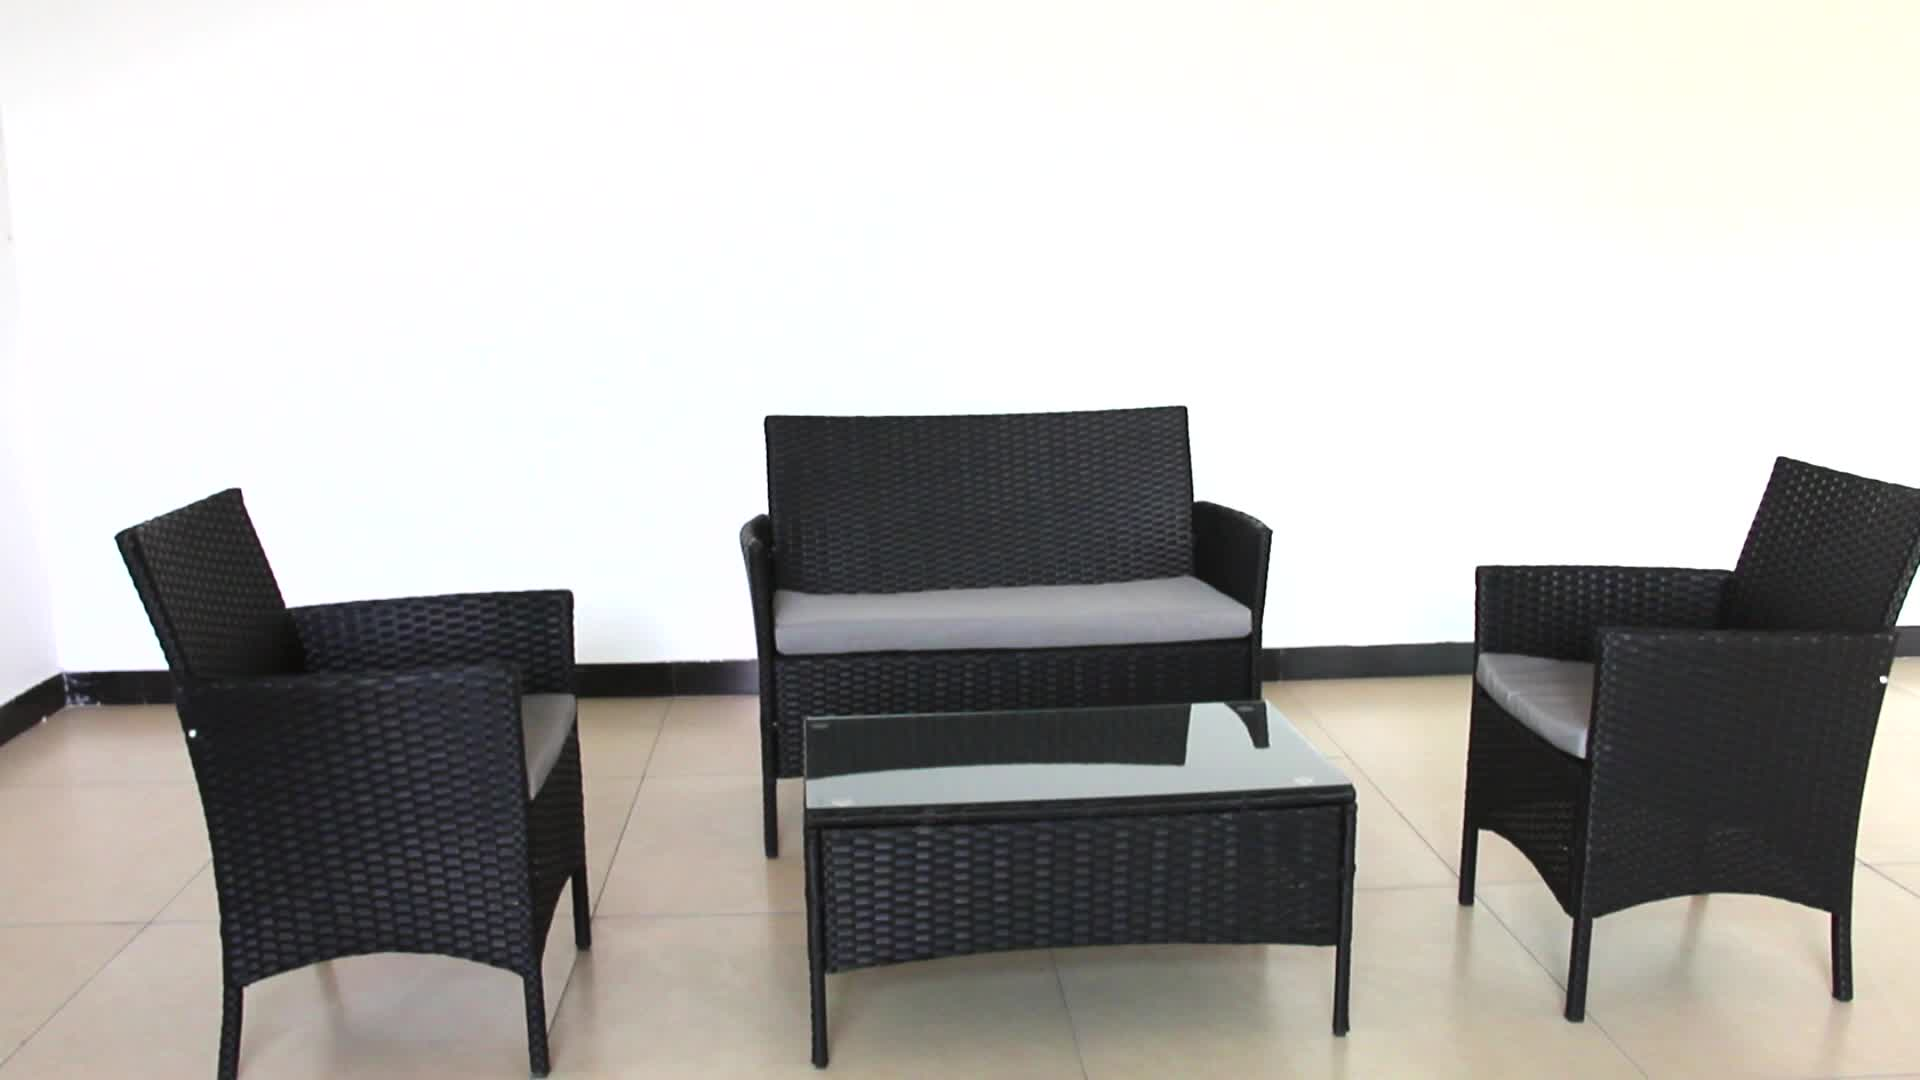 Barato 4 piezas de mimbre sofá conjunto sofá de ratán Patio al aire libre barato muebles de ratán